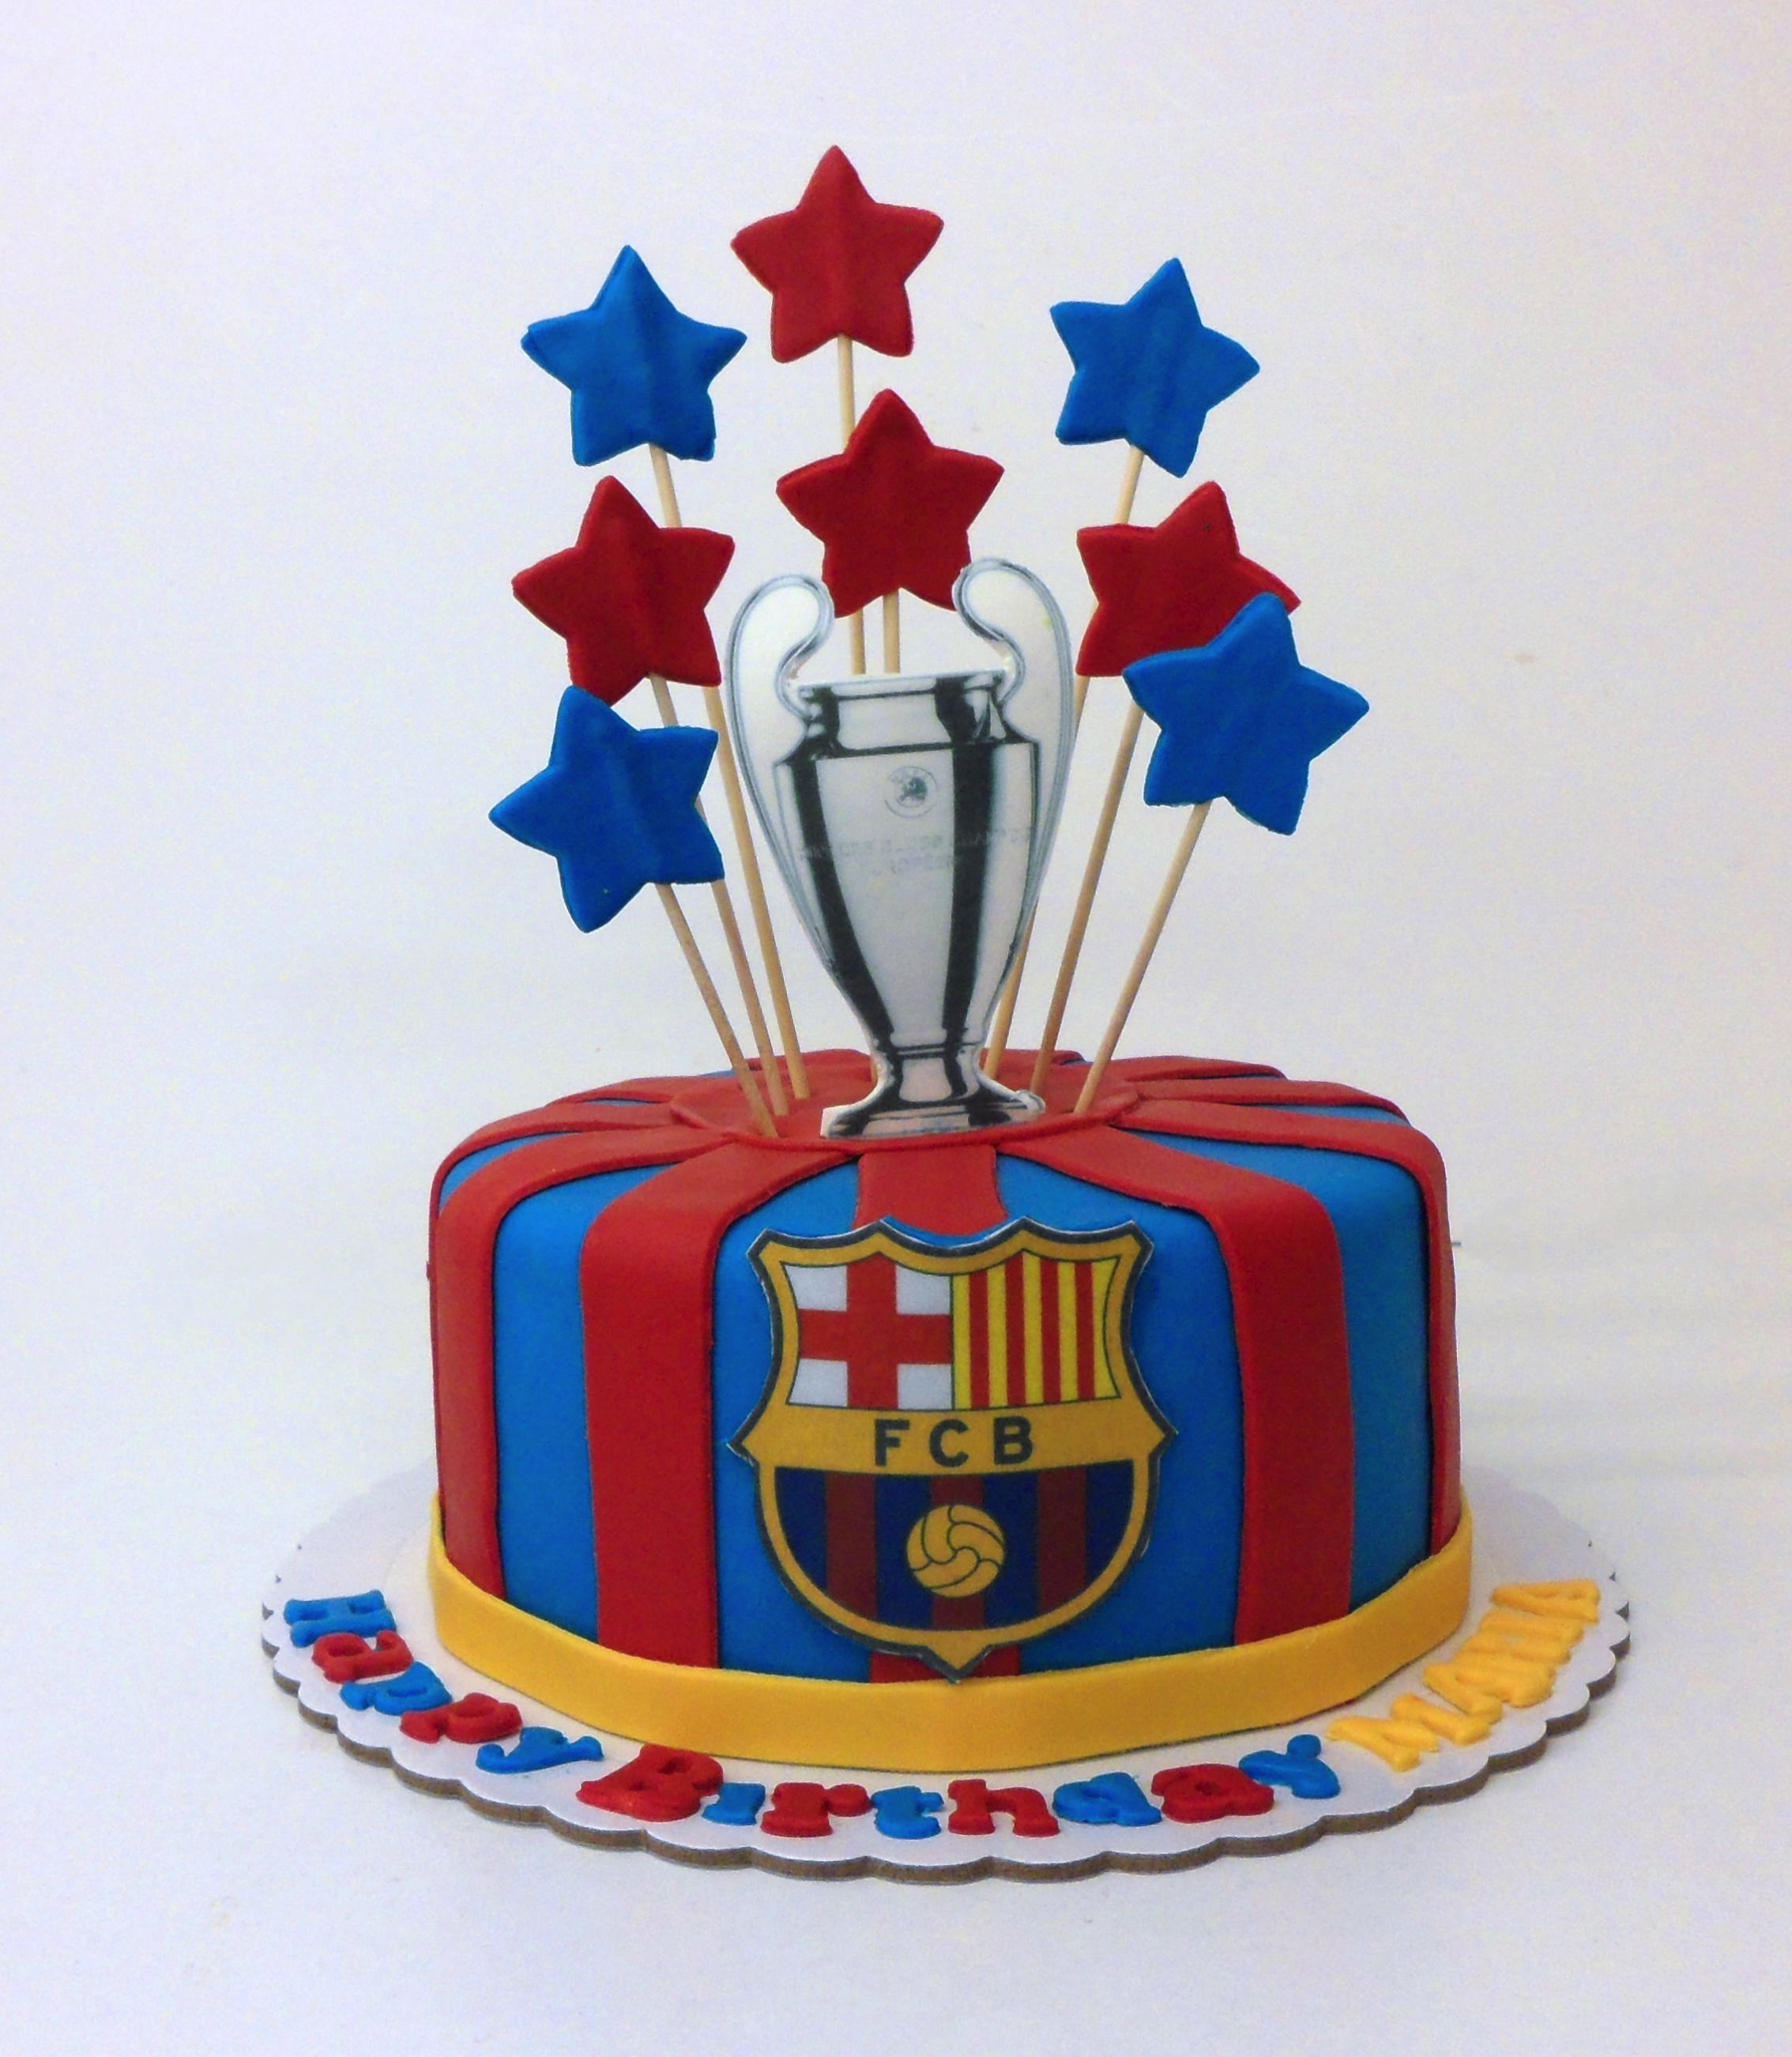 Tarta Fondant Escudo, Copa Champions y Estrellas F.C Barcelona Barça